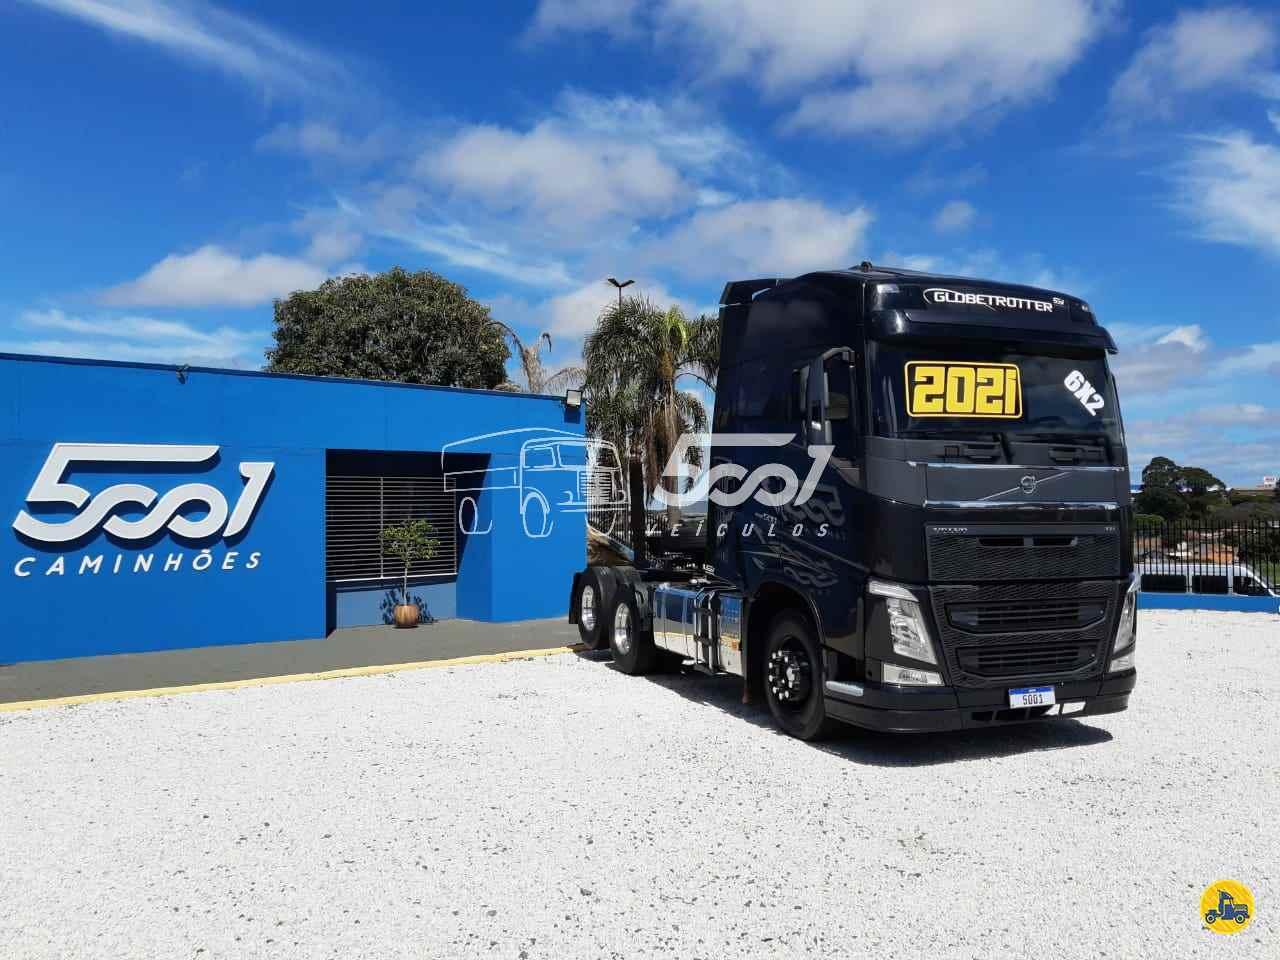 CAMINHAO VOLVO VOLVO FH 500 Cavalo Mecânico Truck 6x2 5001 Veículos - Ponta Grossa PONTA GROSSA PARANÁ PR